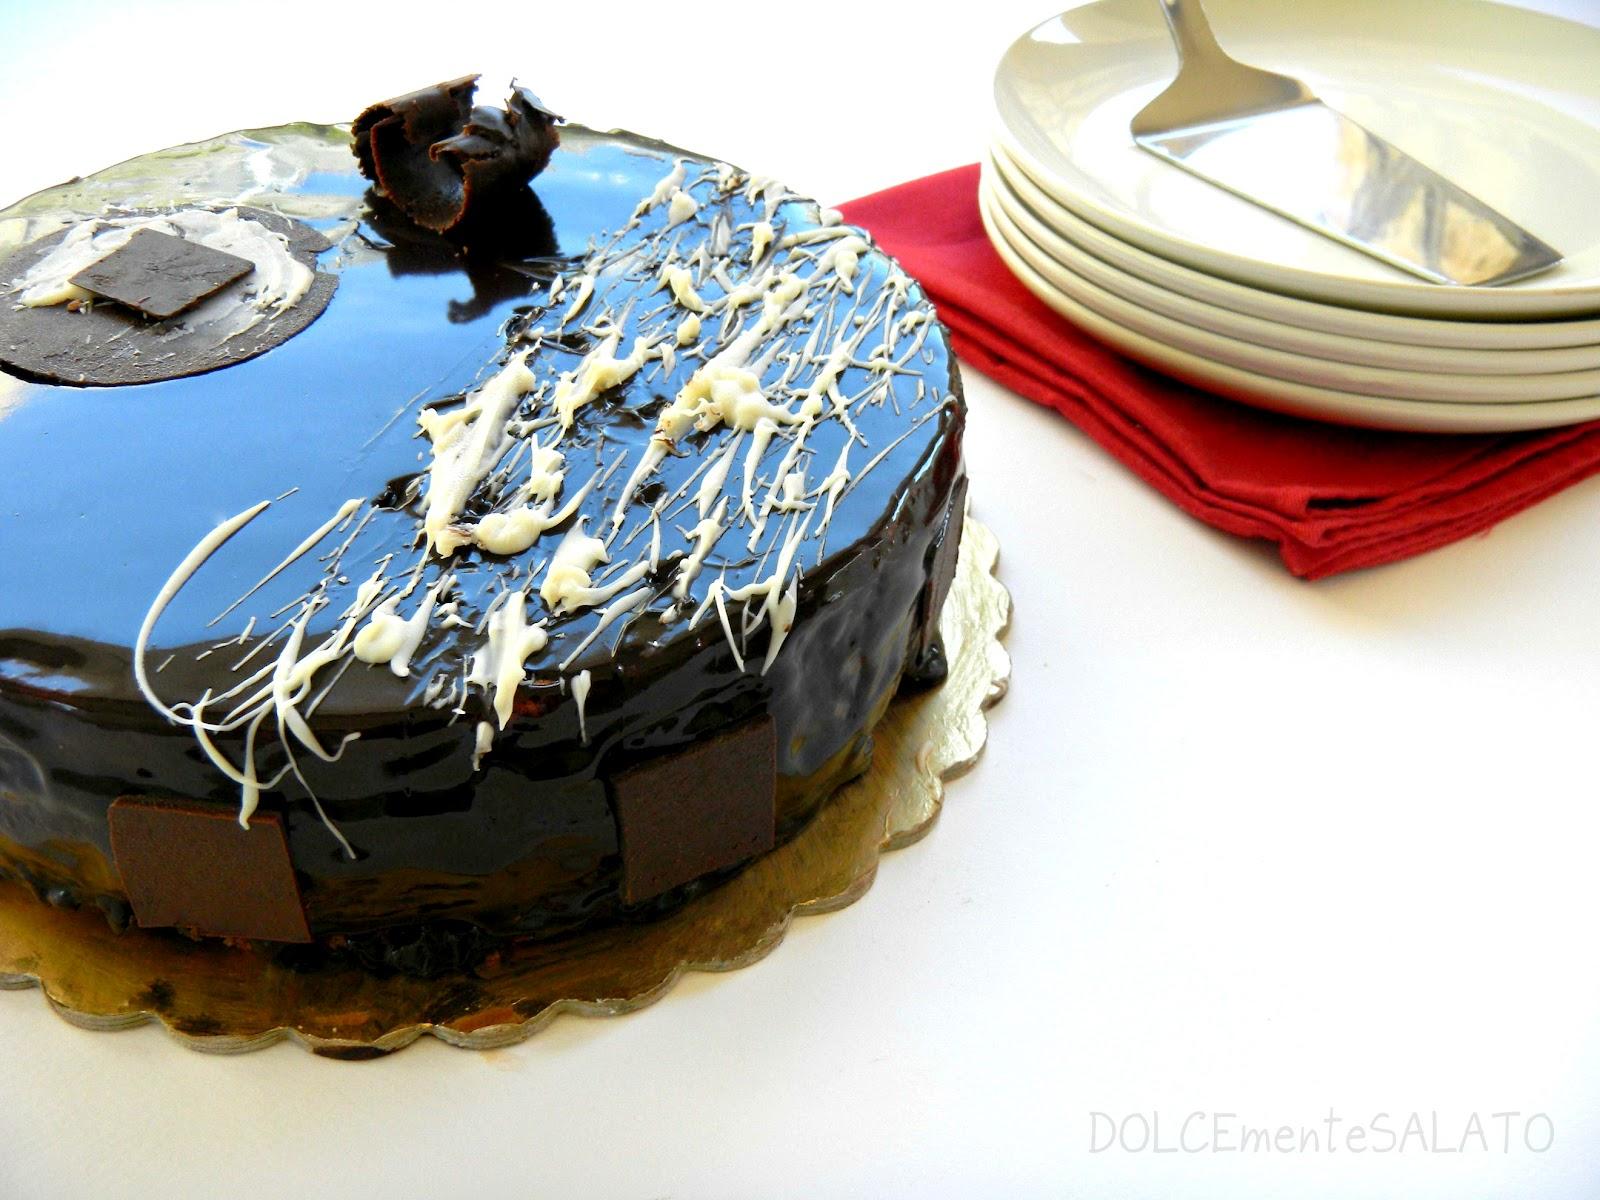 Dolcemente salato torta setteveli anzi settestrati - Decorazioni torte con glassa ...